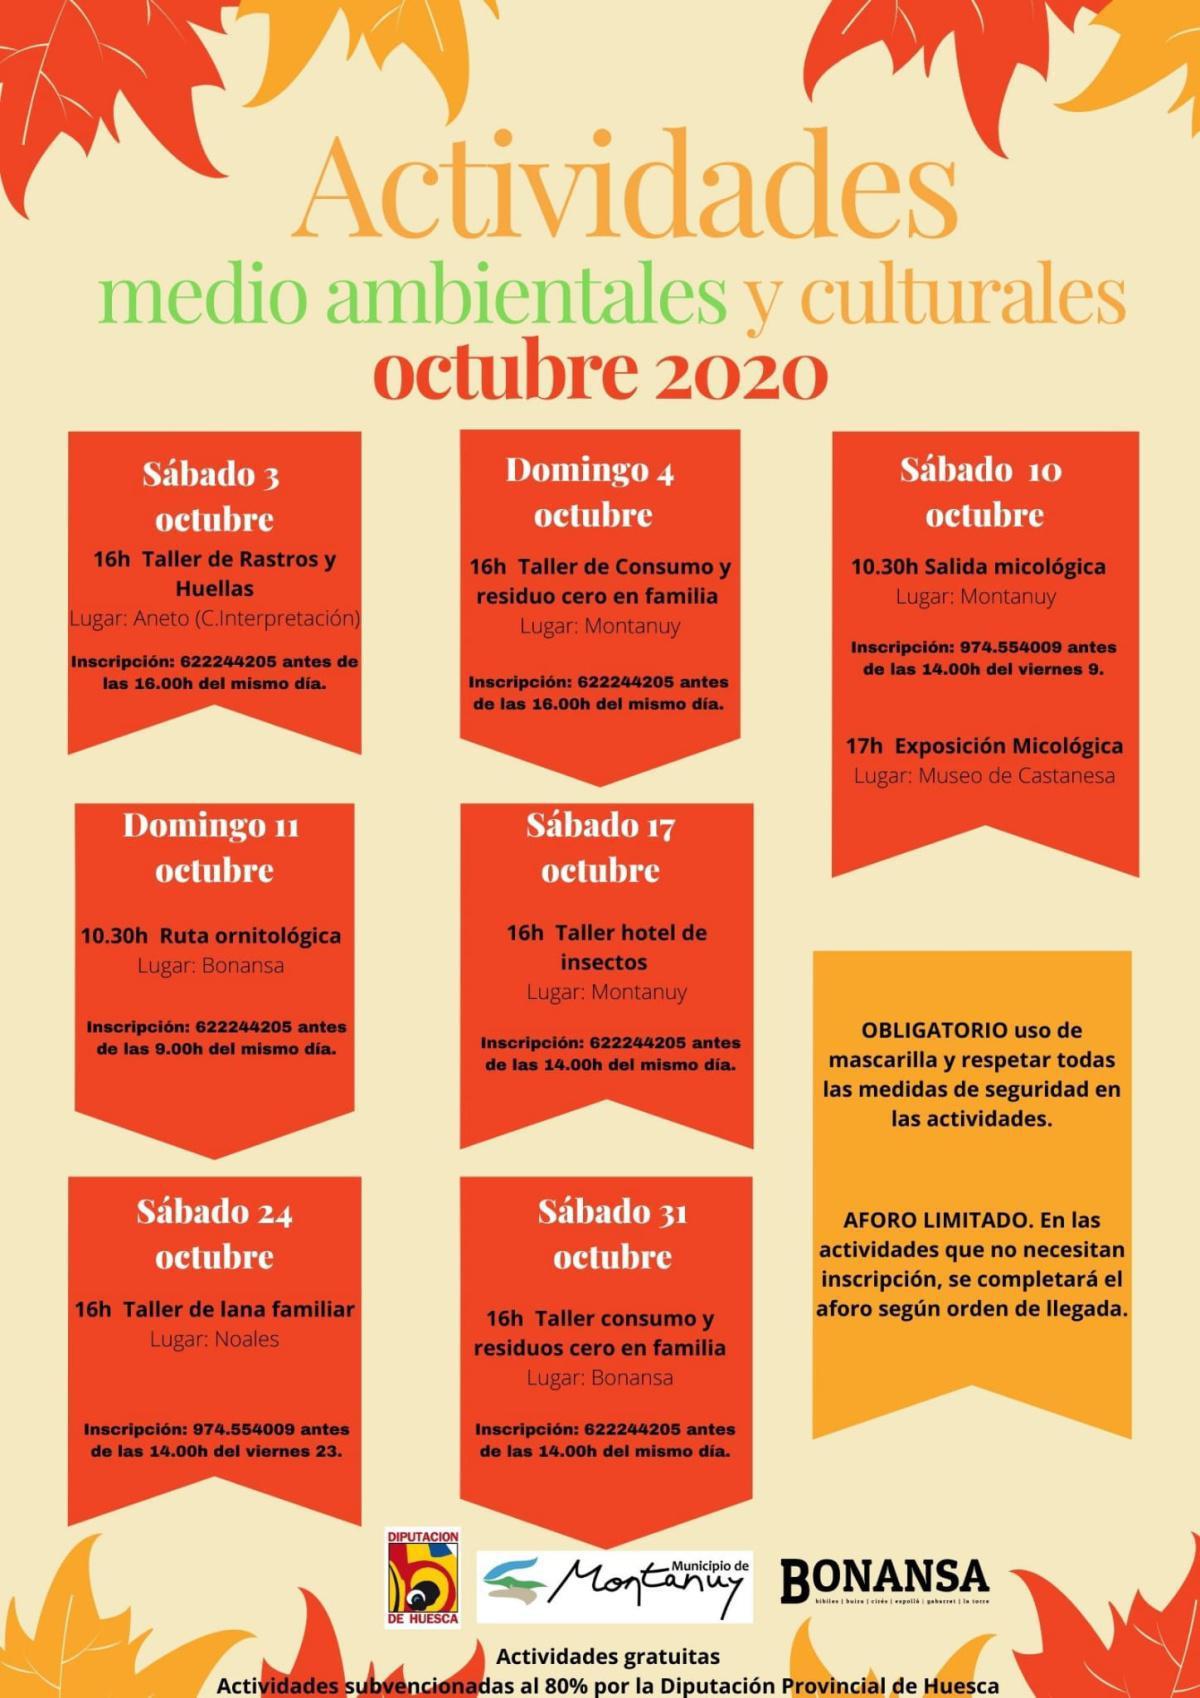 Actividades Medioambientales y Culturales en Montanuy, Bonansa, Castanesa (Huesca)